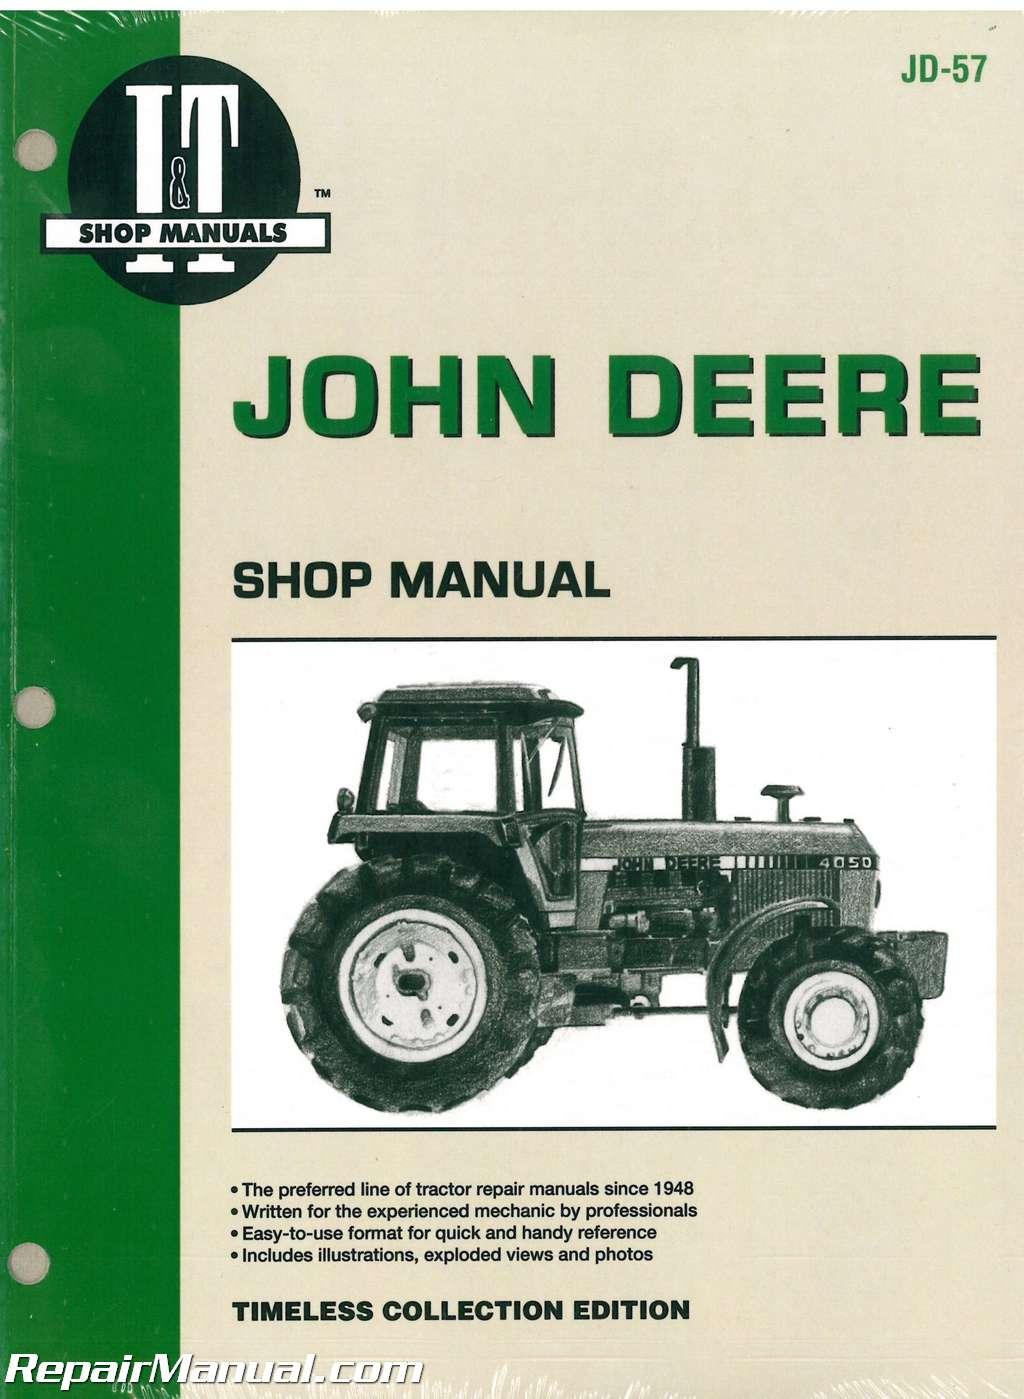 john deere tractor service manual john deere 4050 4250 4450 4650 4850 tractor